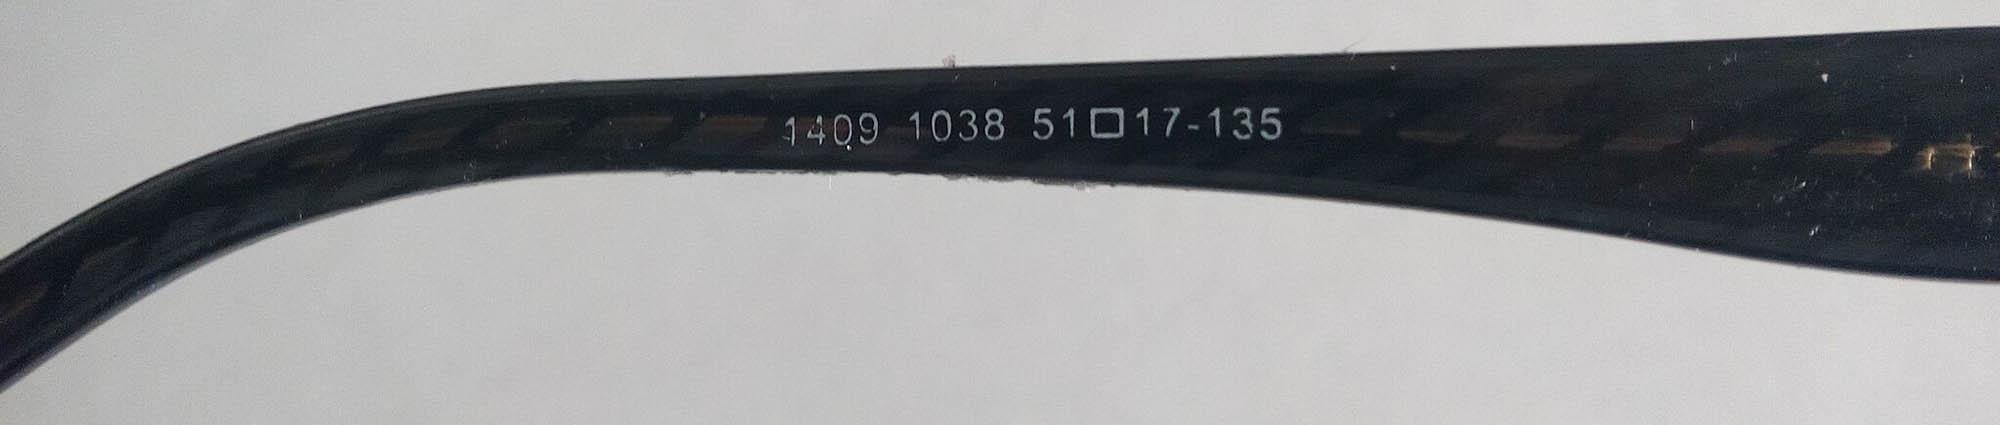 51 — ширина линзы (lens width), 17 — ширина мостика на переносице (nose bridge distance), 135 — общая длина заушника (temple length). Параметры указаны в милиметрах, но на сайте они могут быть в сантиметрах